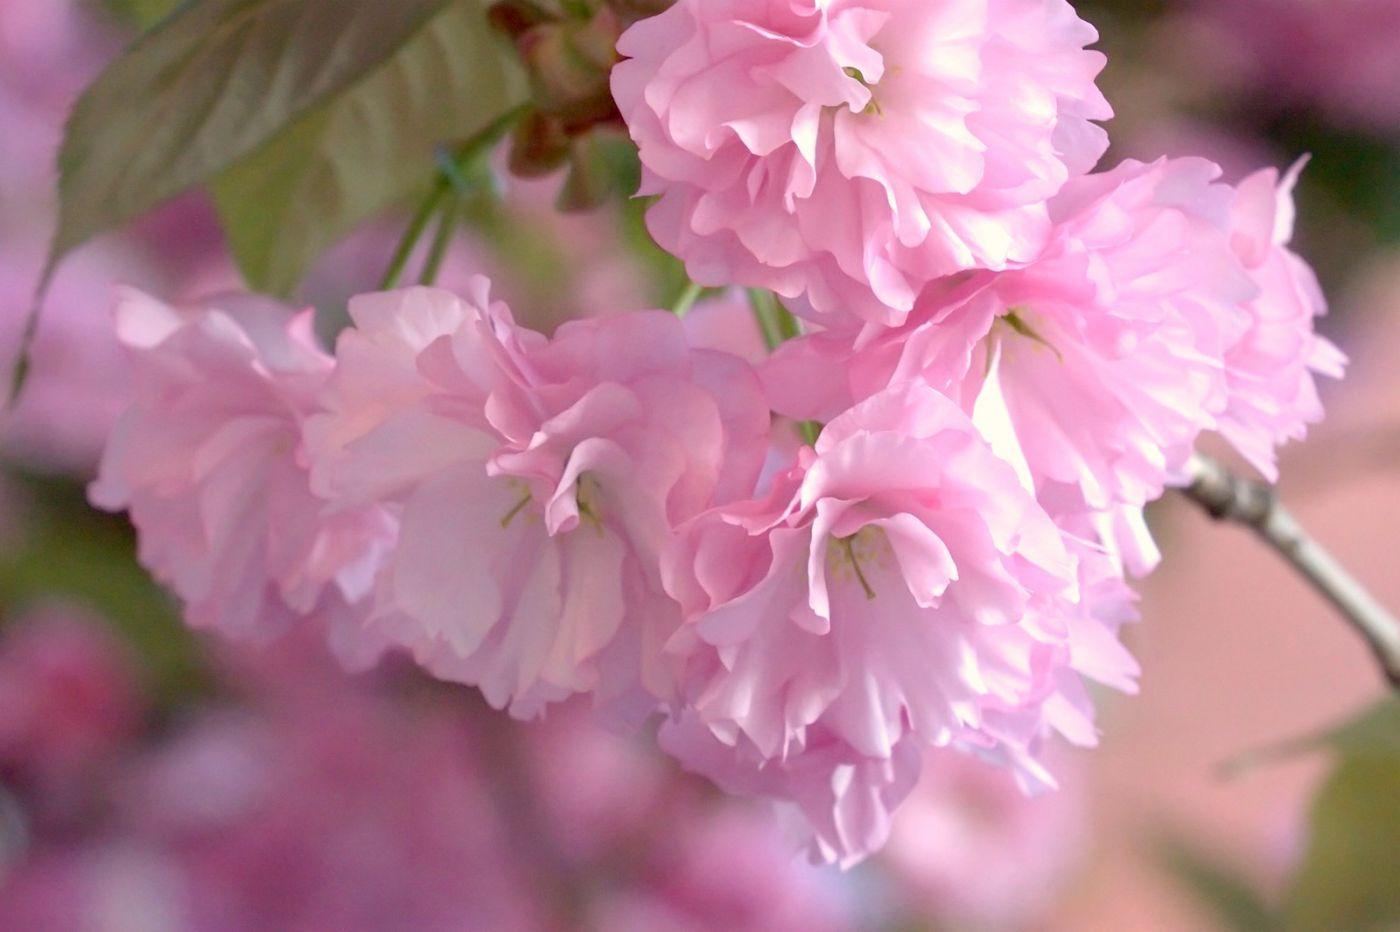 粉红的水嫩的,好看极了_图1-22